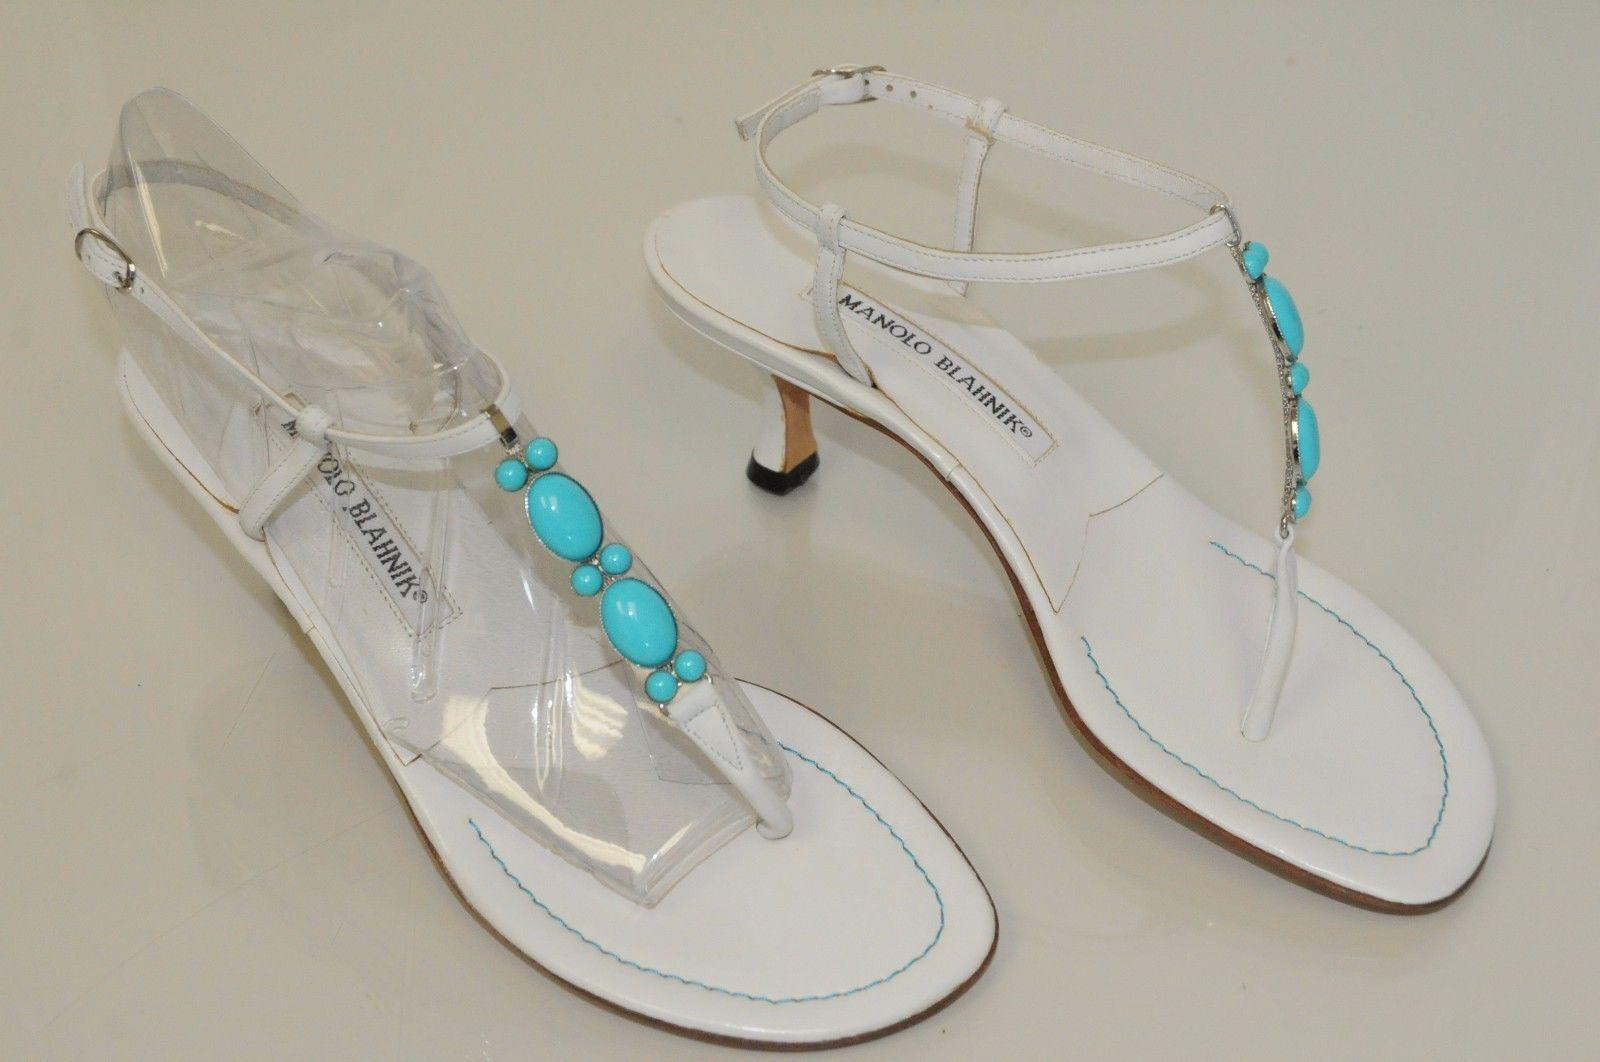 New  MANOL BLOHNIK BIANCE Turchese Jeweled Thong SANDALS Kitten Heels scarpe 38.5  per il tuo stile di gioco ai prezzi più bassi